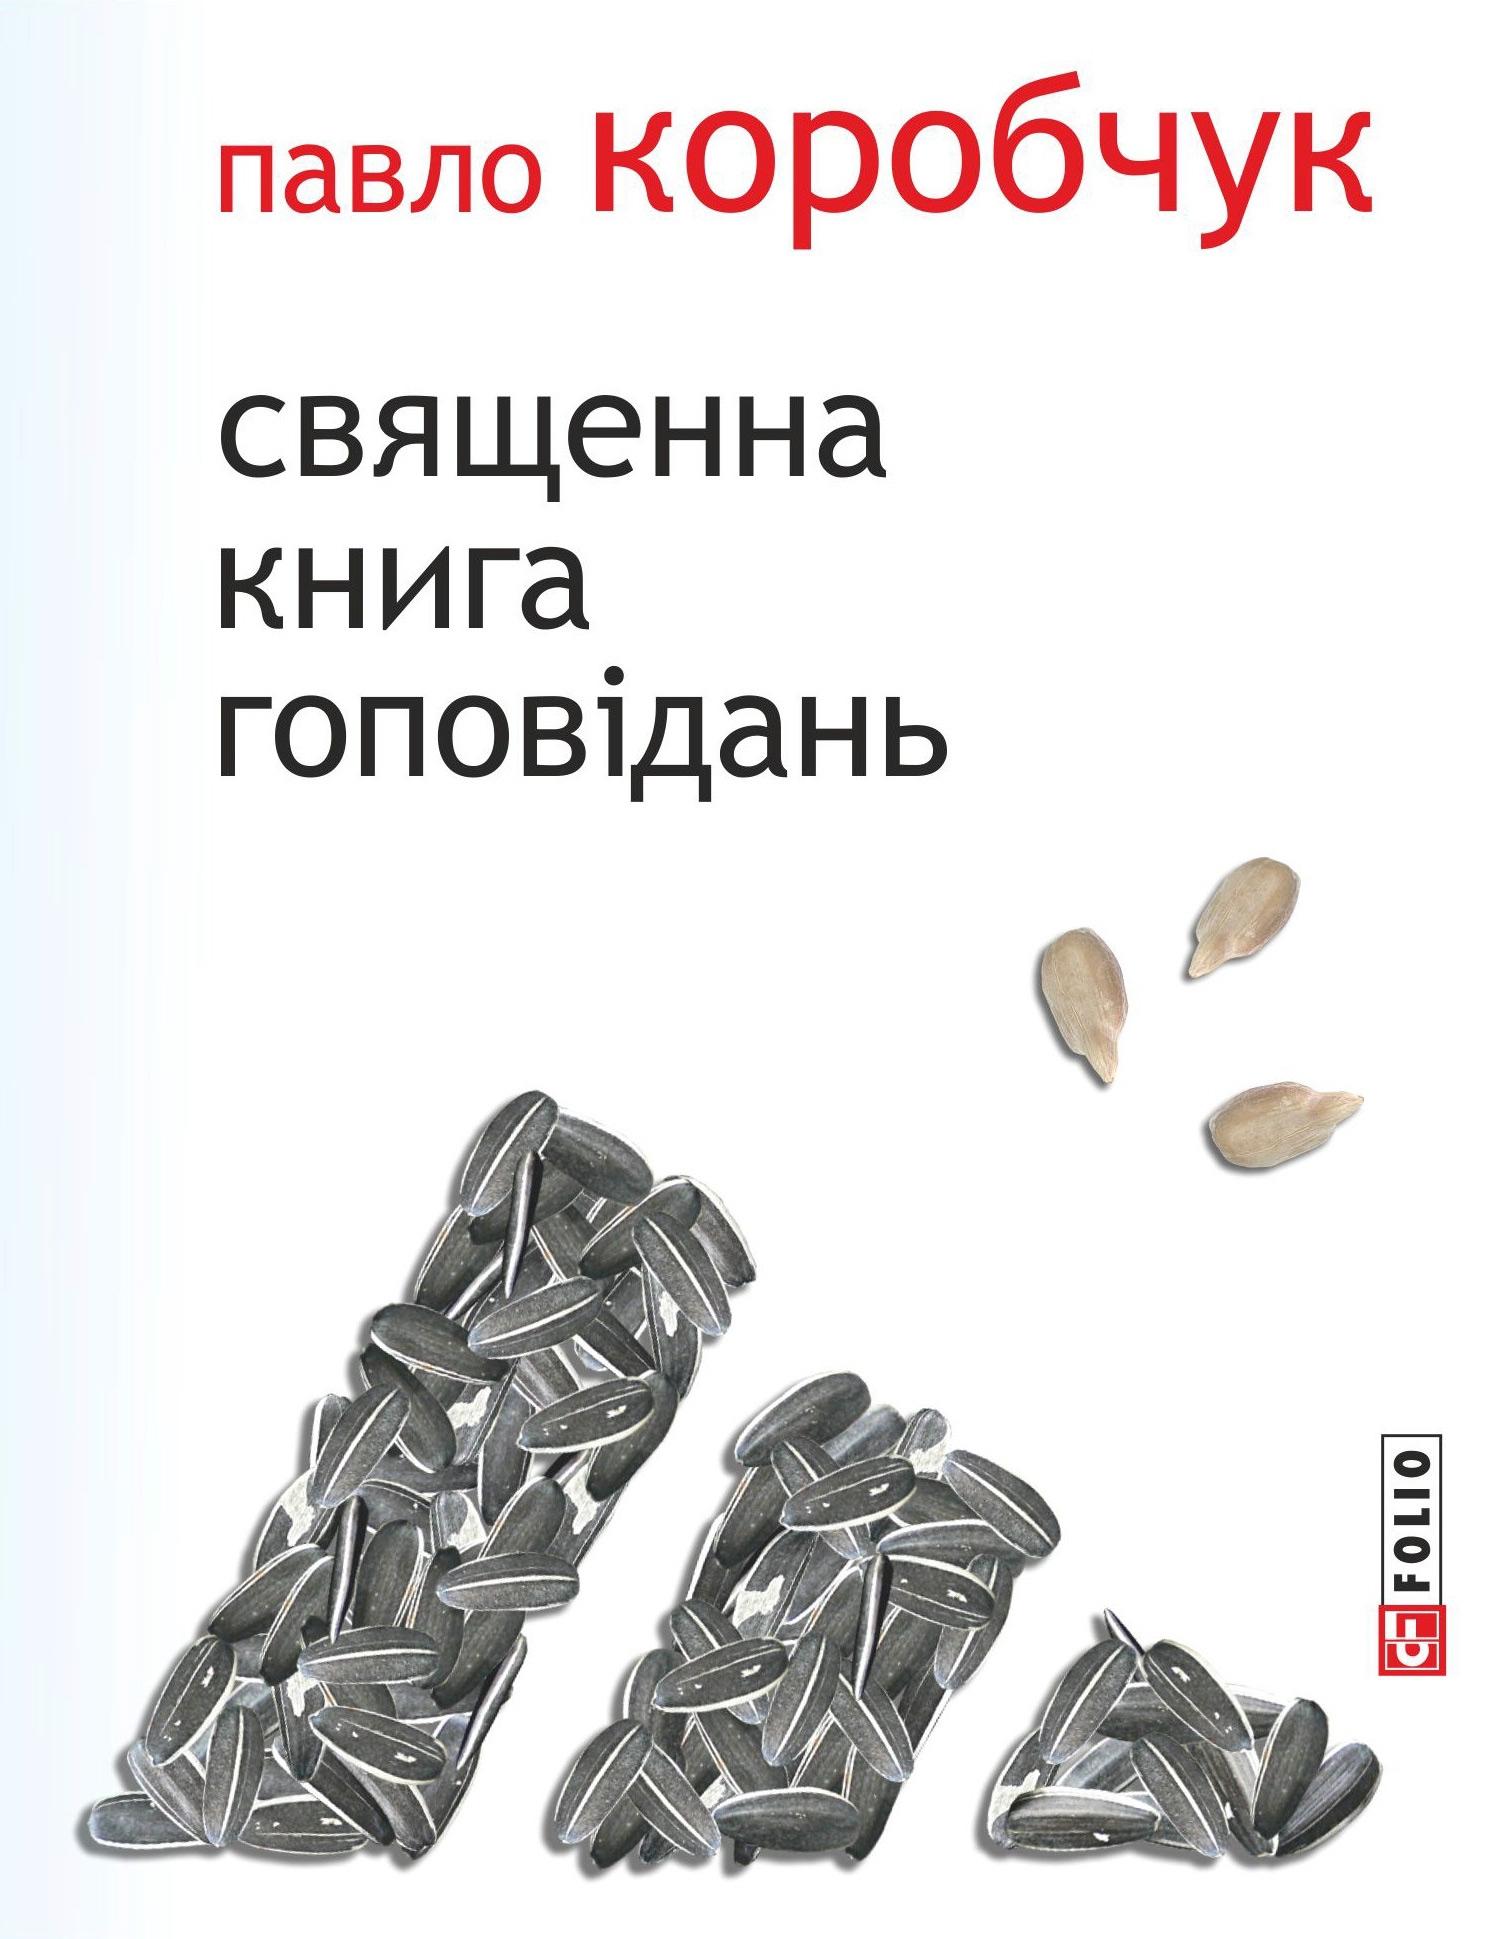 Павло Коробчук Священна книга гоповідань